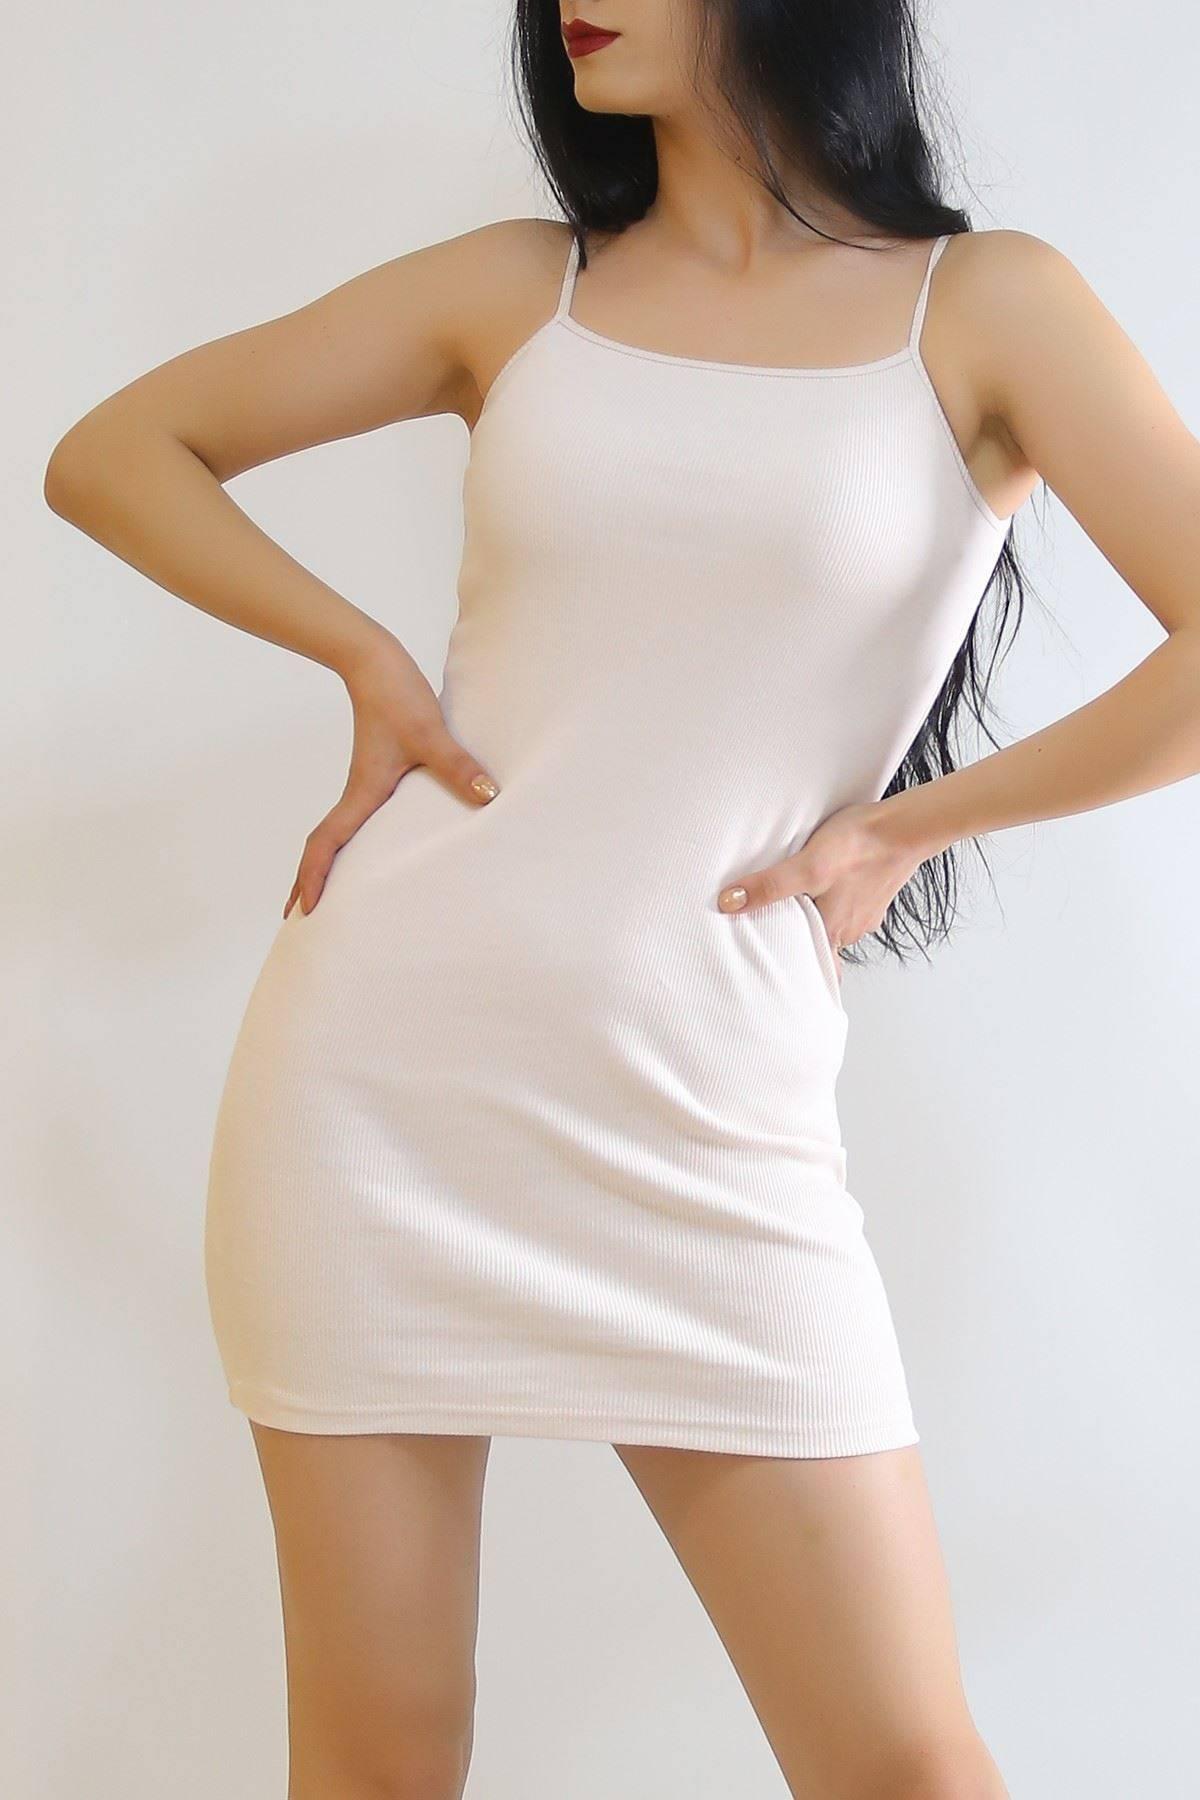 İp Askılı Elbise Pudra - 6089.316.